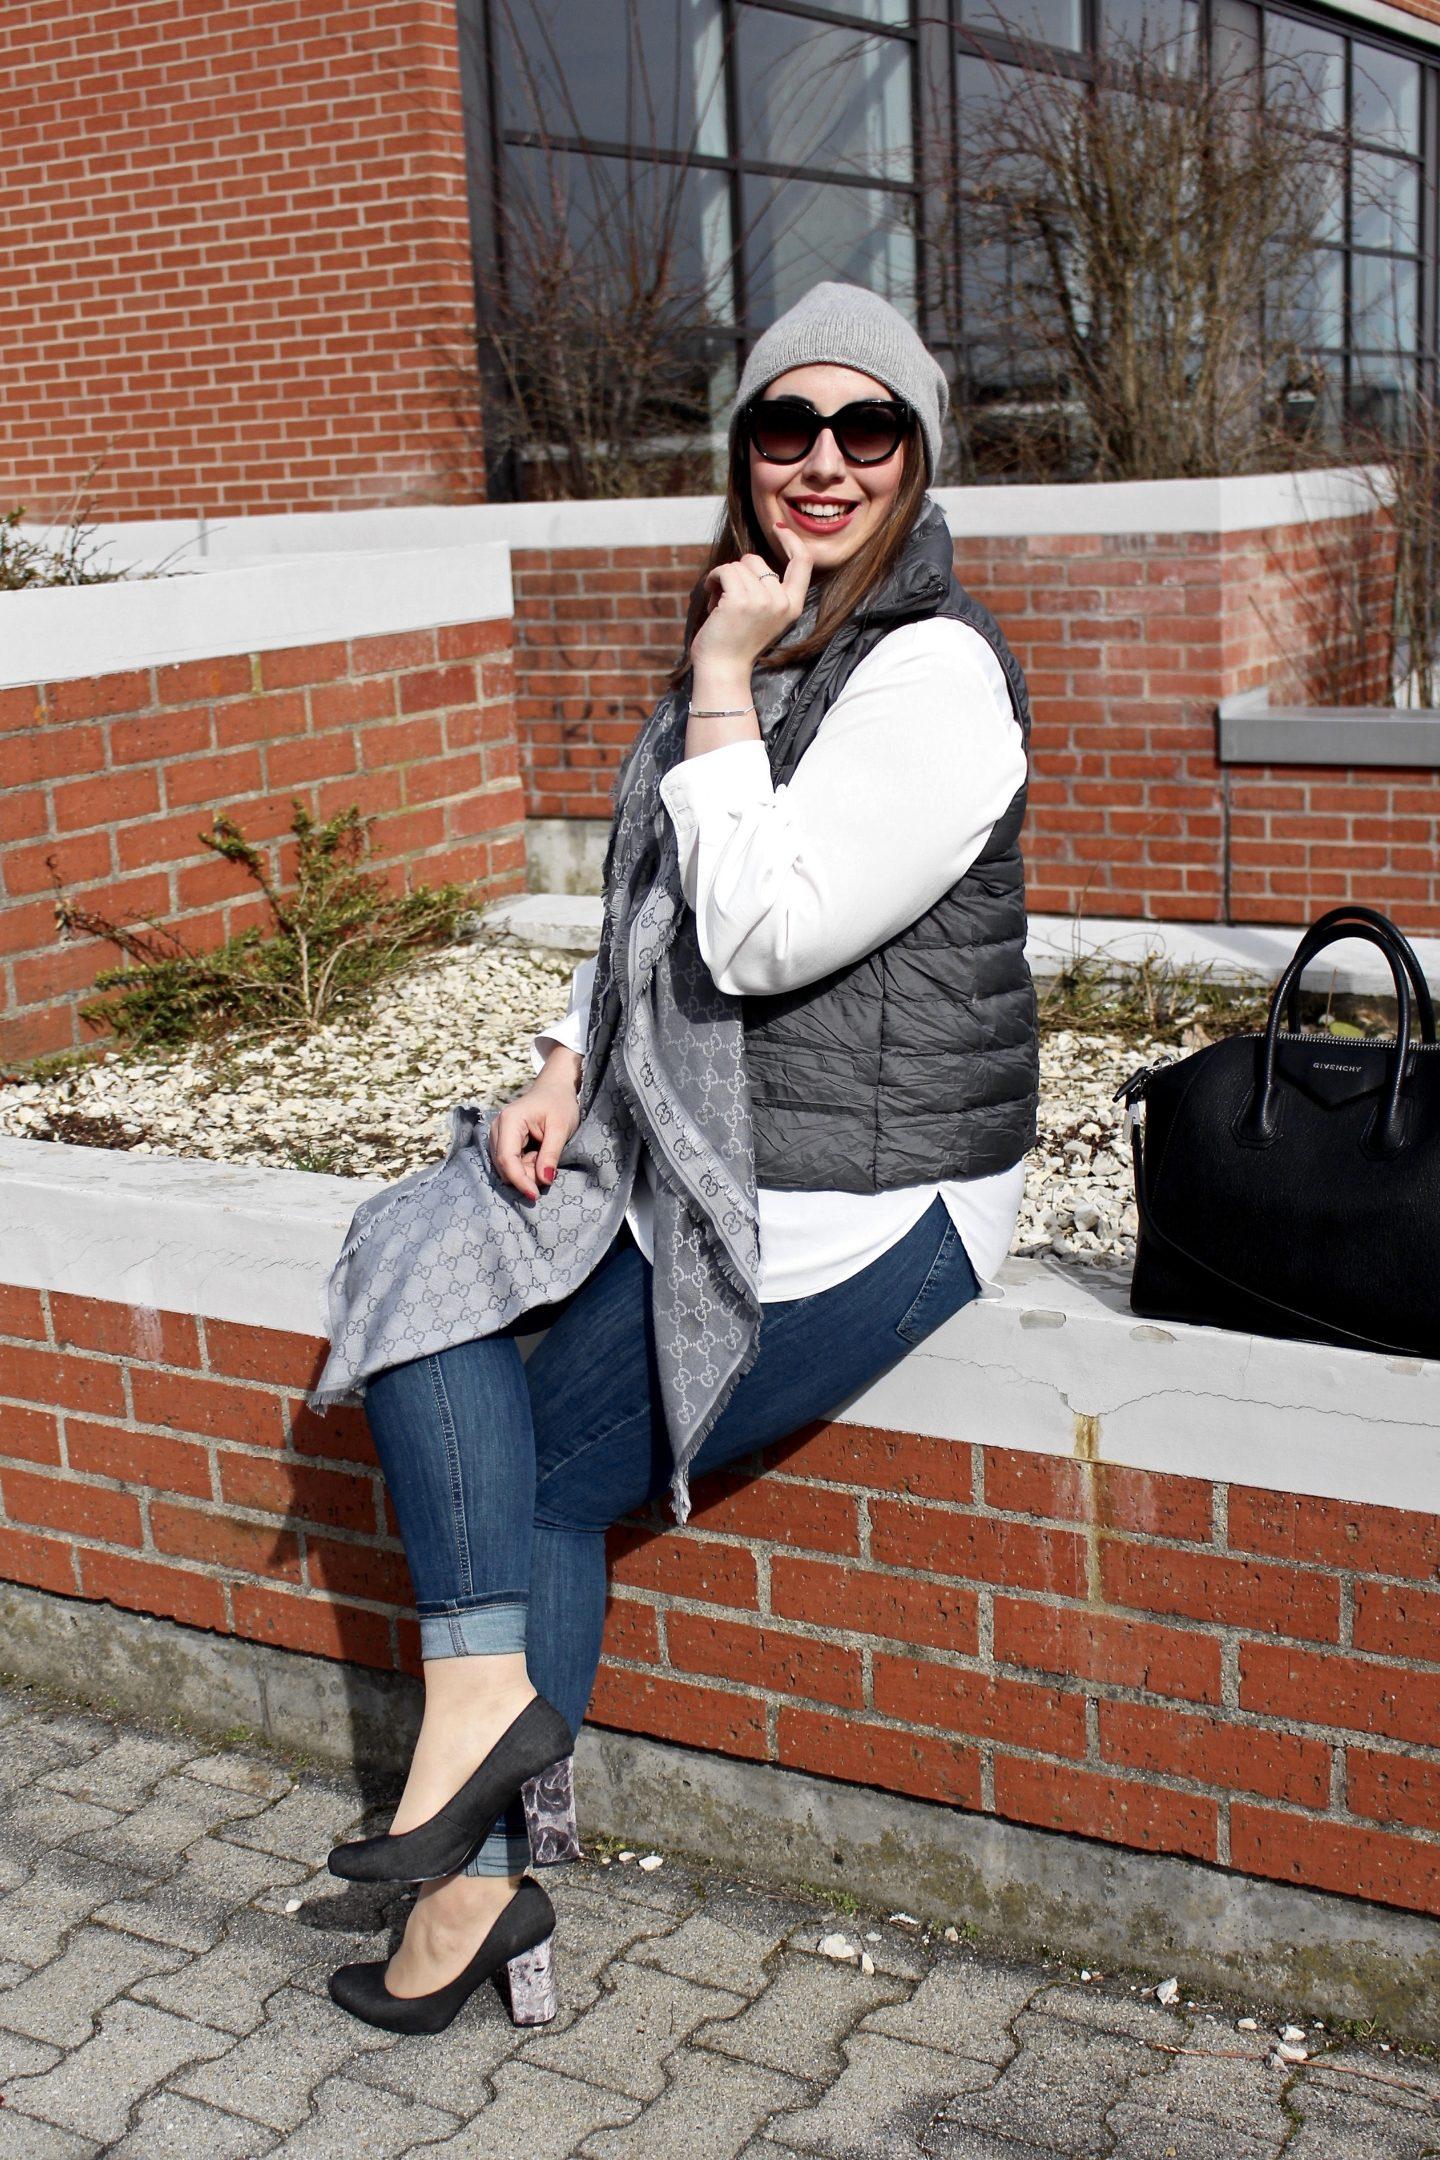 outfit-laessiger-streetstyle-daunenweste-steppweste-jeanshose-givenchy-antigona-bag-sportlicher-look-samtpumps-susanne-heidebach-misssuzieloves-fashionblogger-münchen-backsteinmauer-curvyblogger-weiße-bluse-gucci-schal